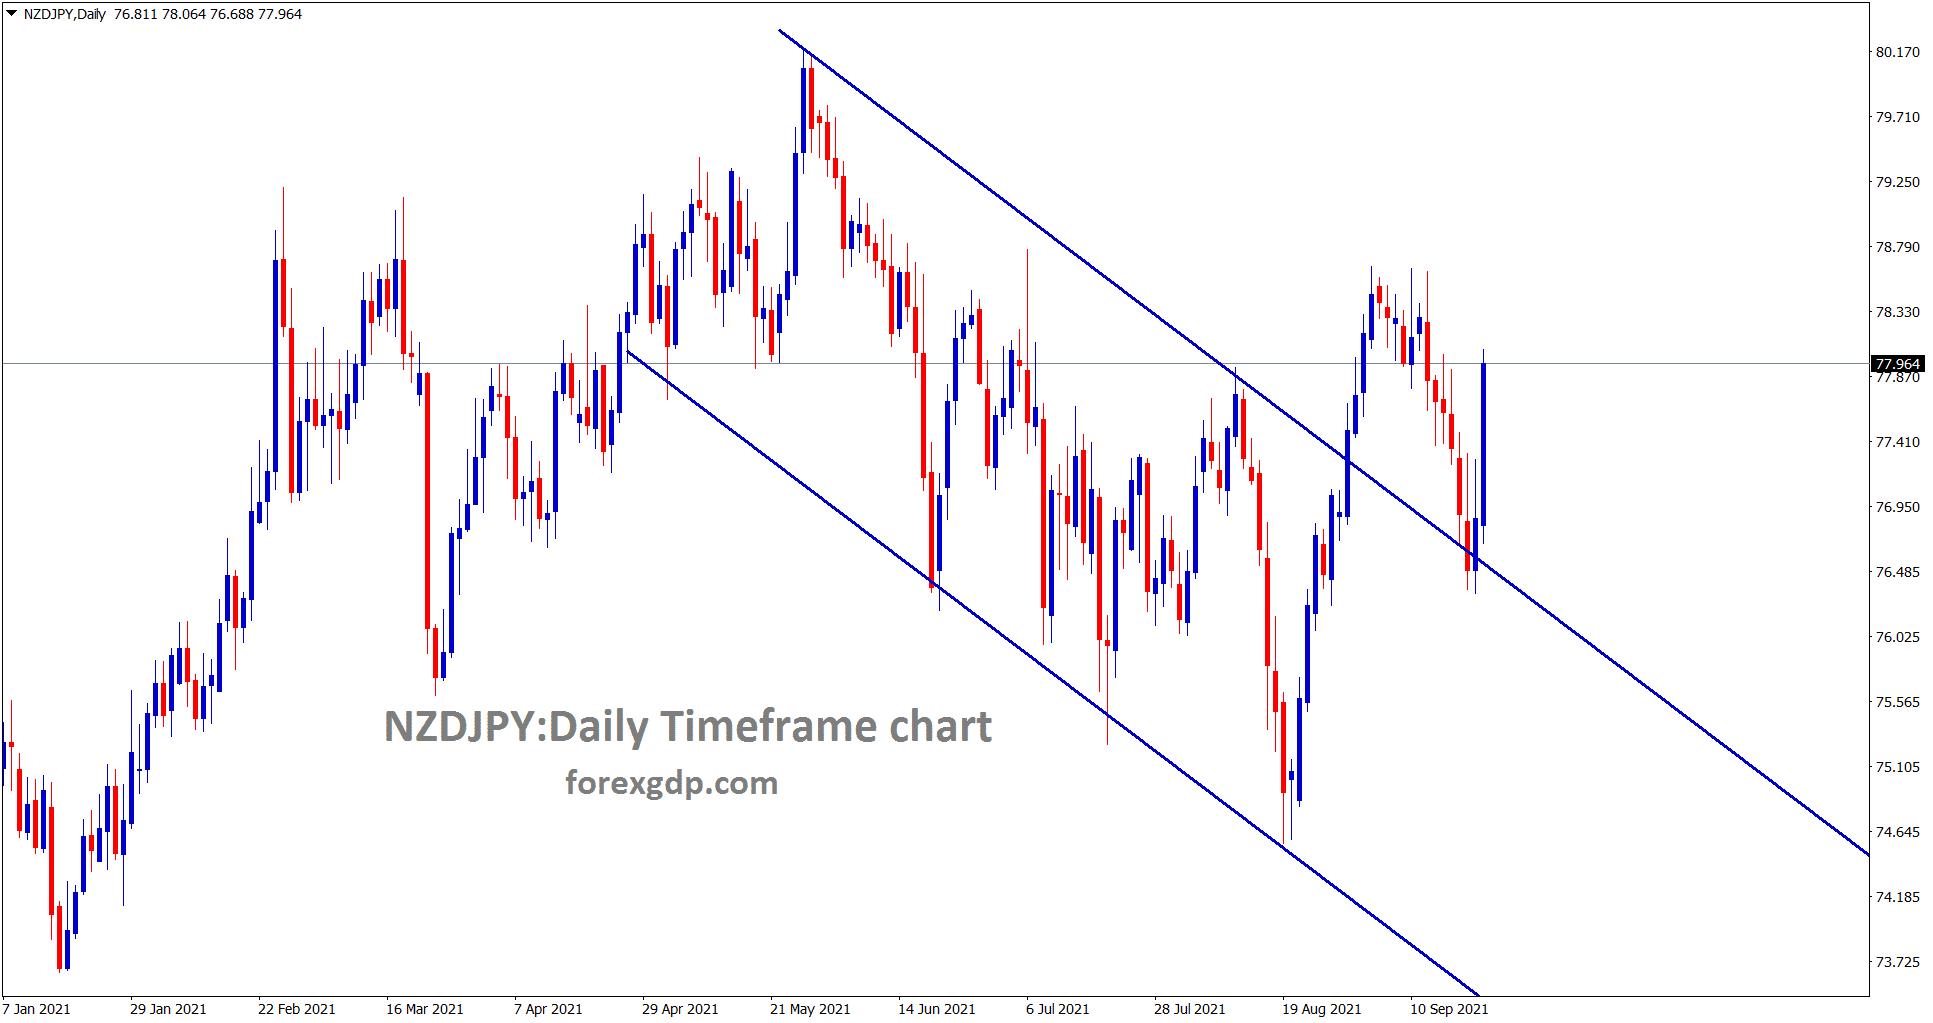 NZDJPY is rebounding now after retesting the broken descending channel